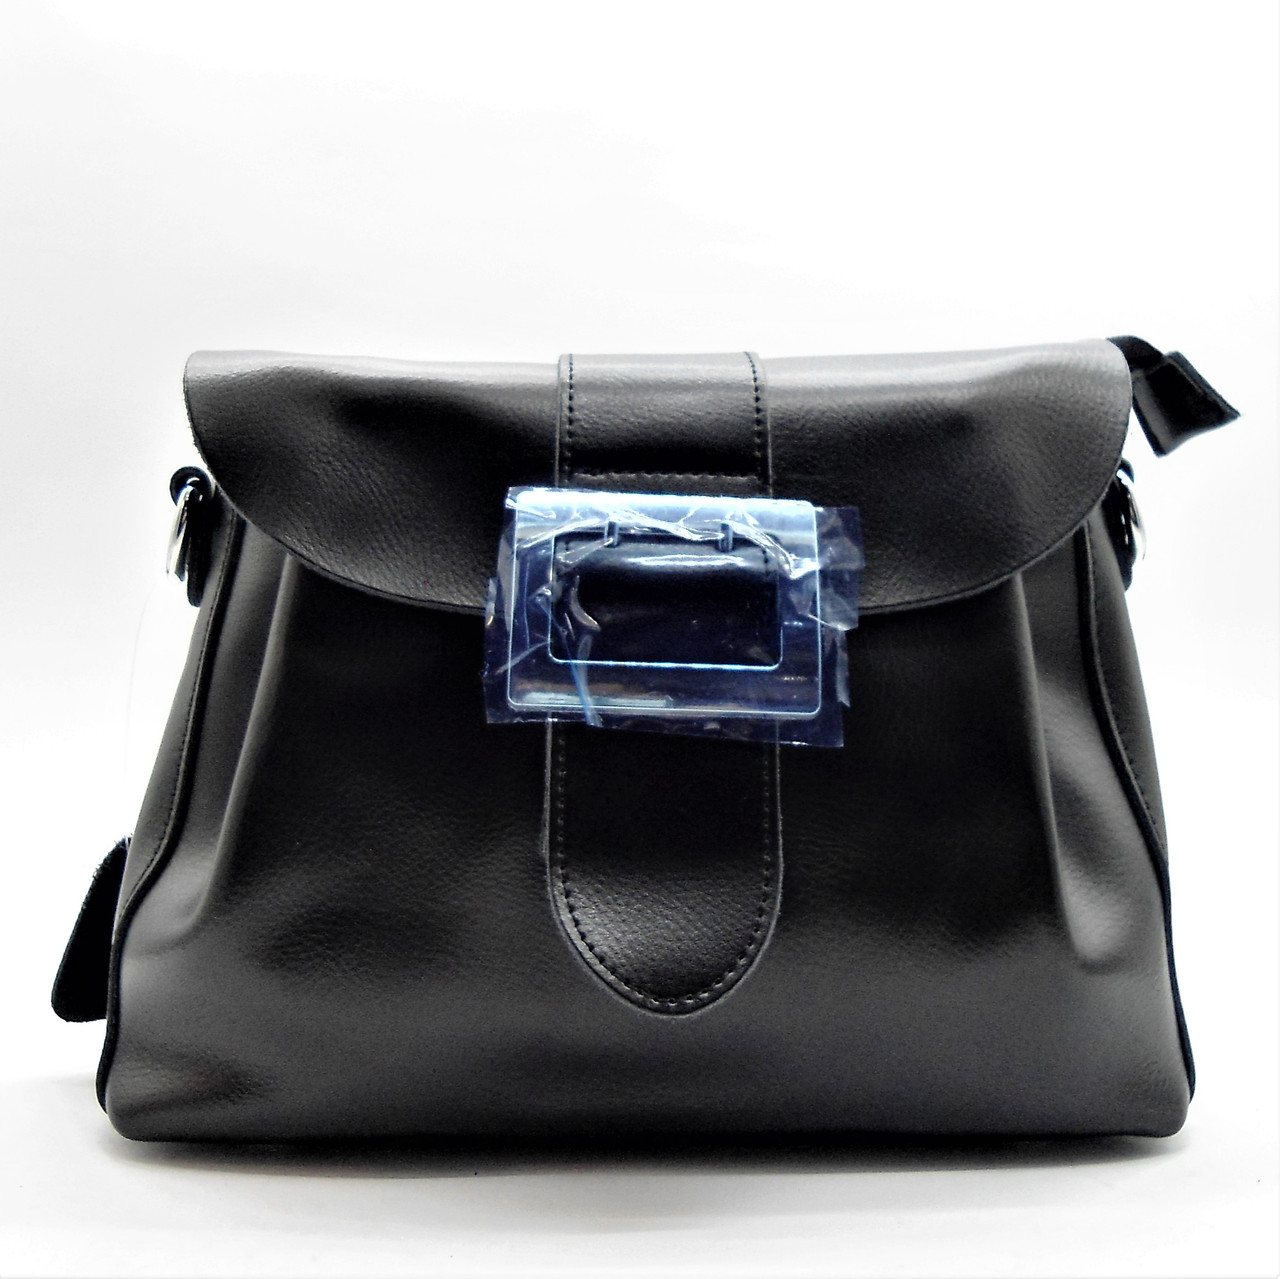 3691ff6aaa44 Шикарная кожаная женская сумка с пряжкой черного цвета ВВВ-200110 ...